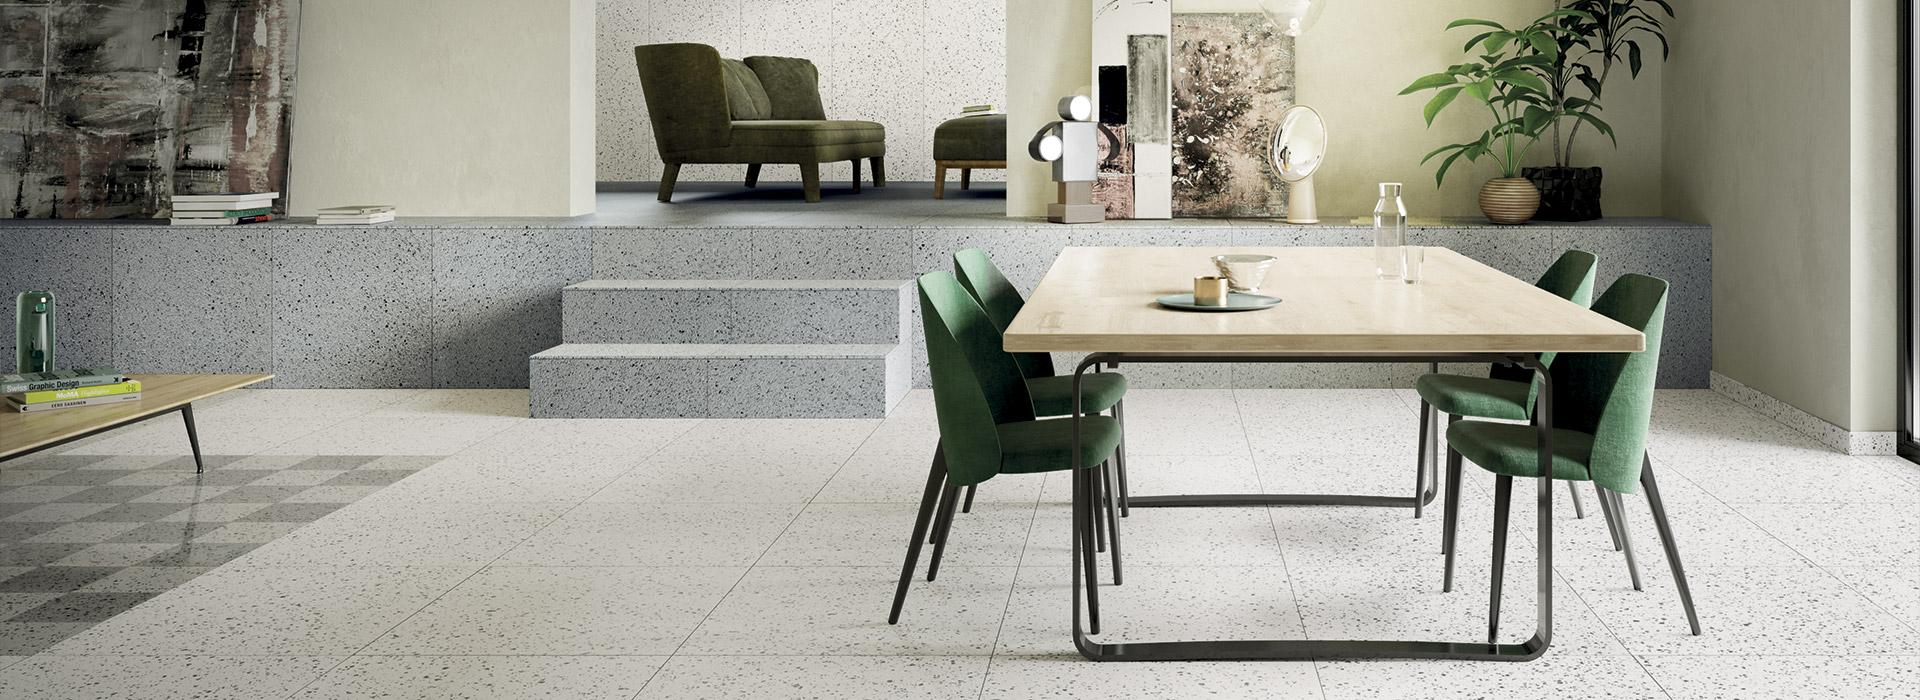 Gres porcellanato per interni ed esterni moderni fmg for Pavimenti moderni per interni